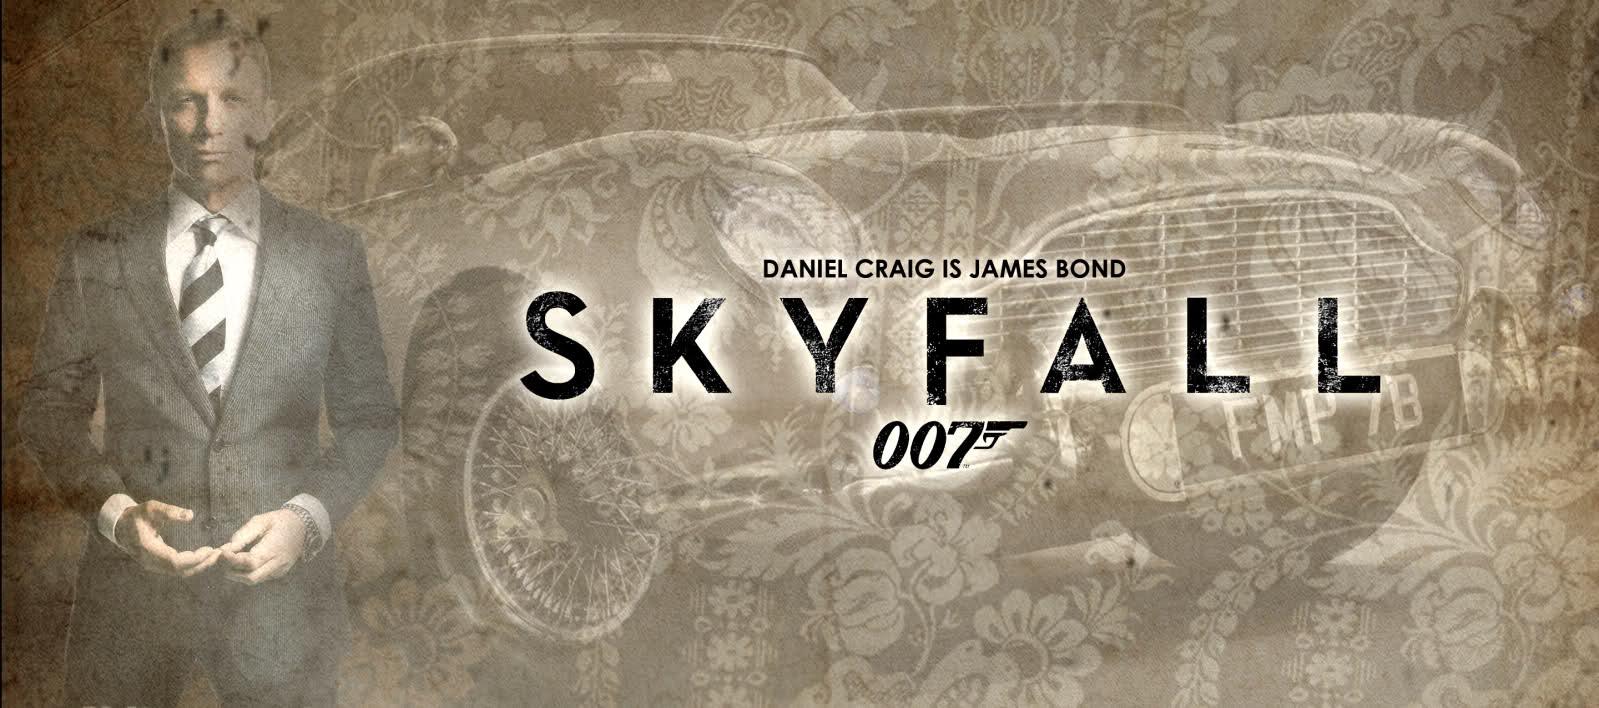 Home Downloads Wallpaper James Bond 007 Skyfall Wallpaper Pack